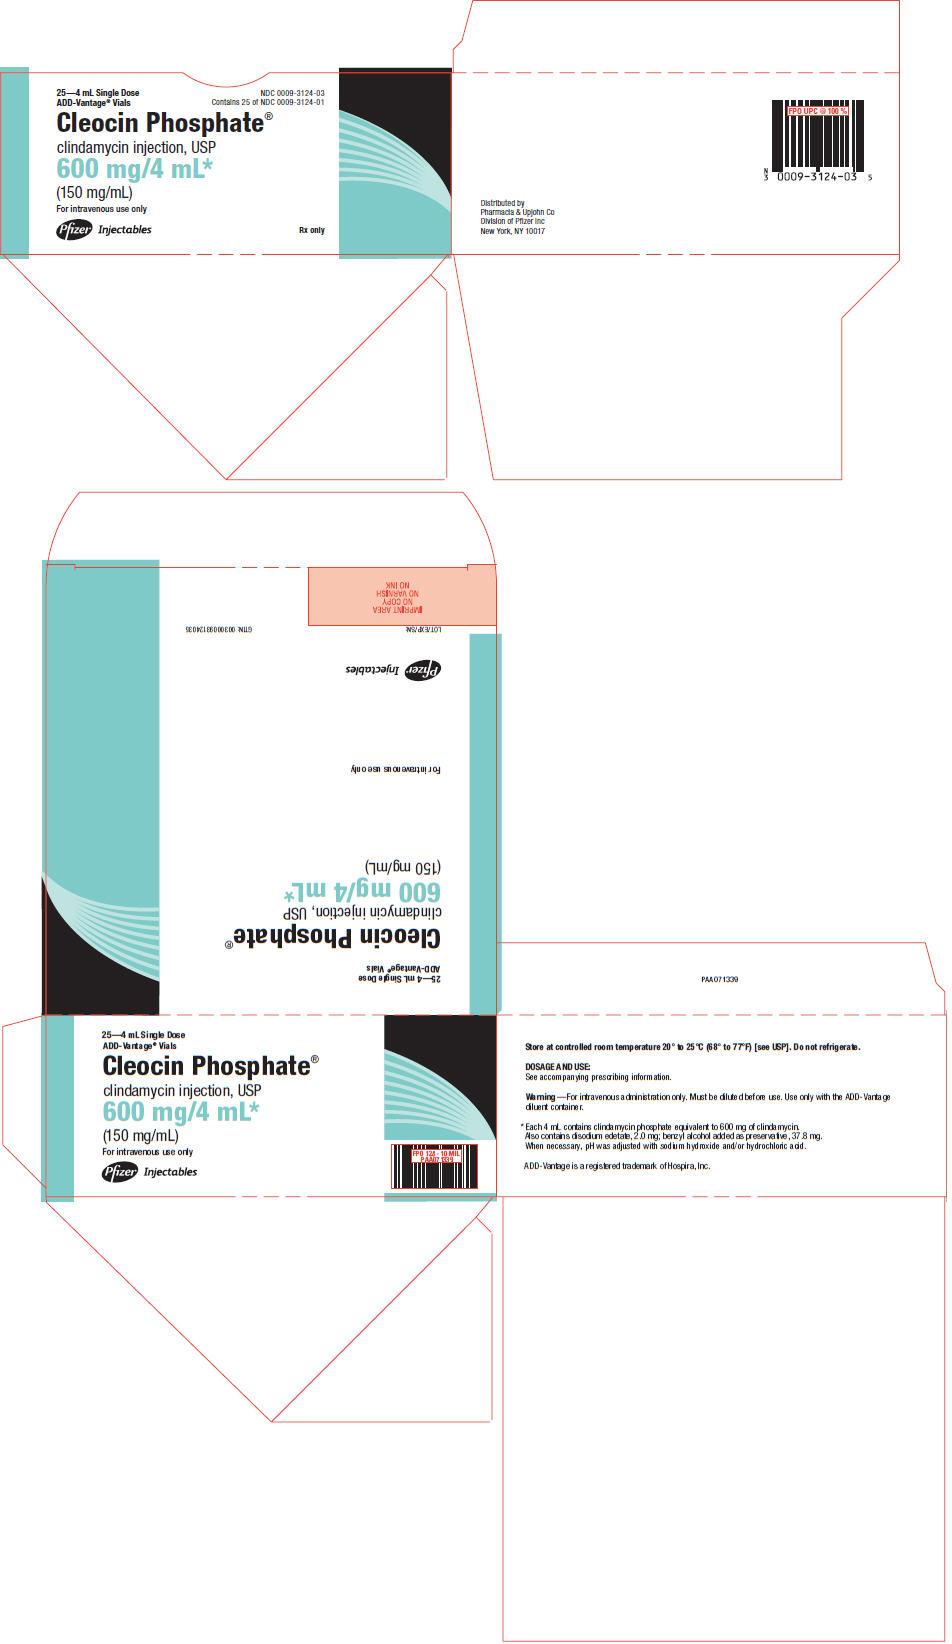 PRINCIPAL DISPLAY PANEL - 600 mg/4 mL ADD-Vantage Vial Carton